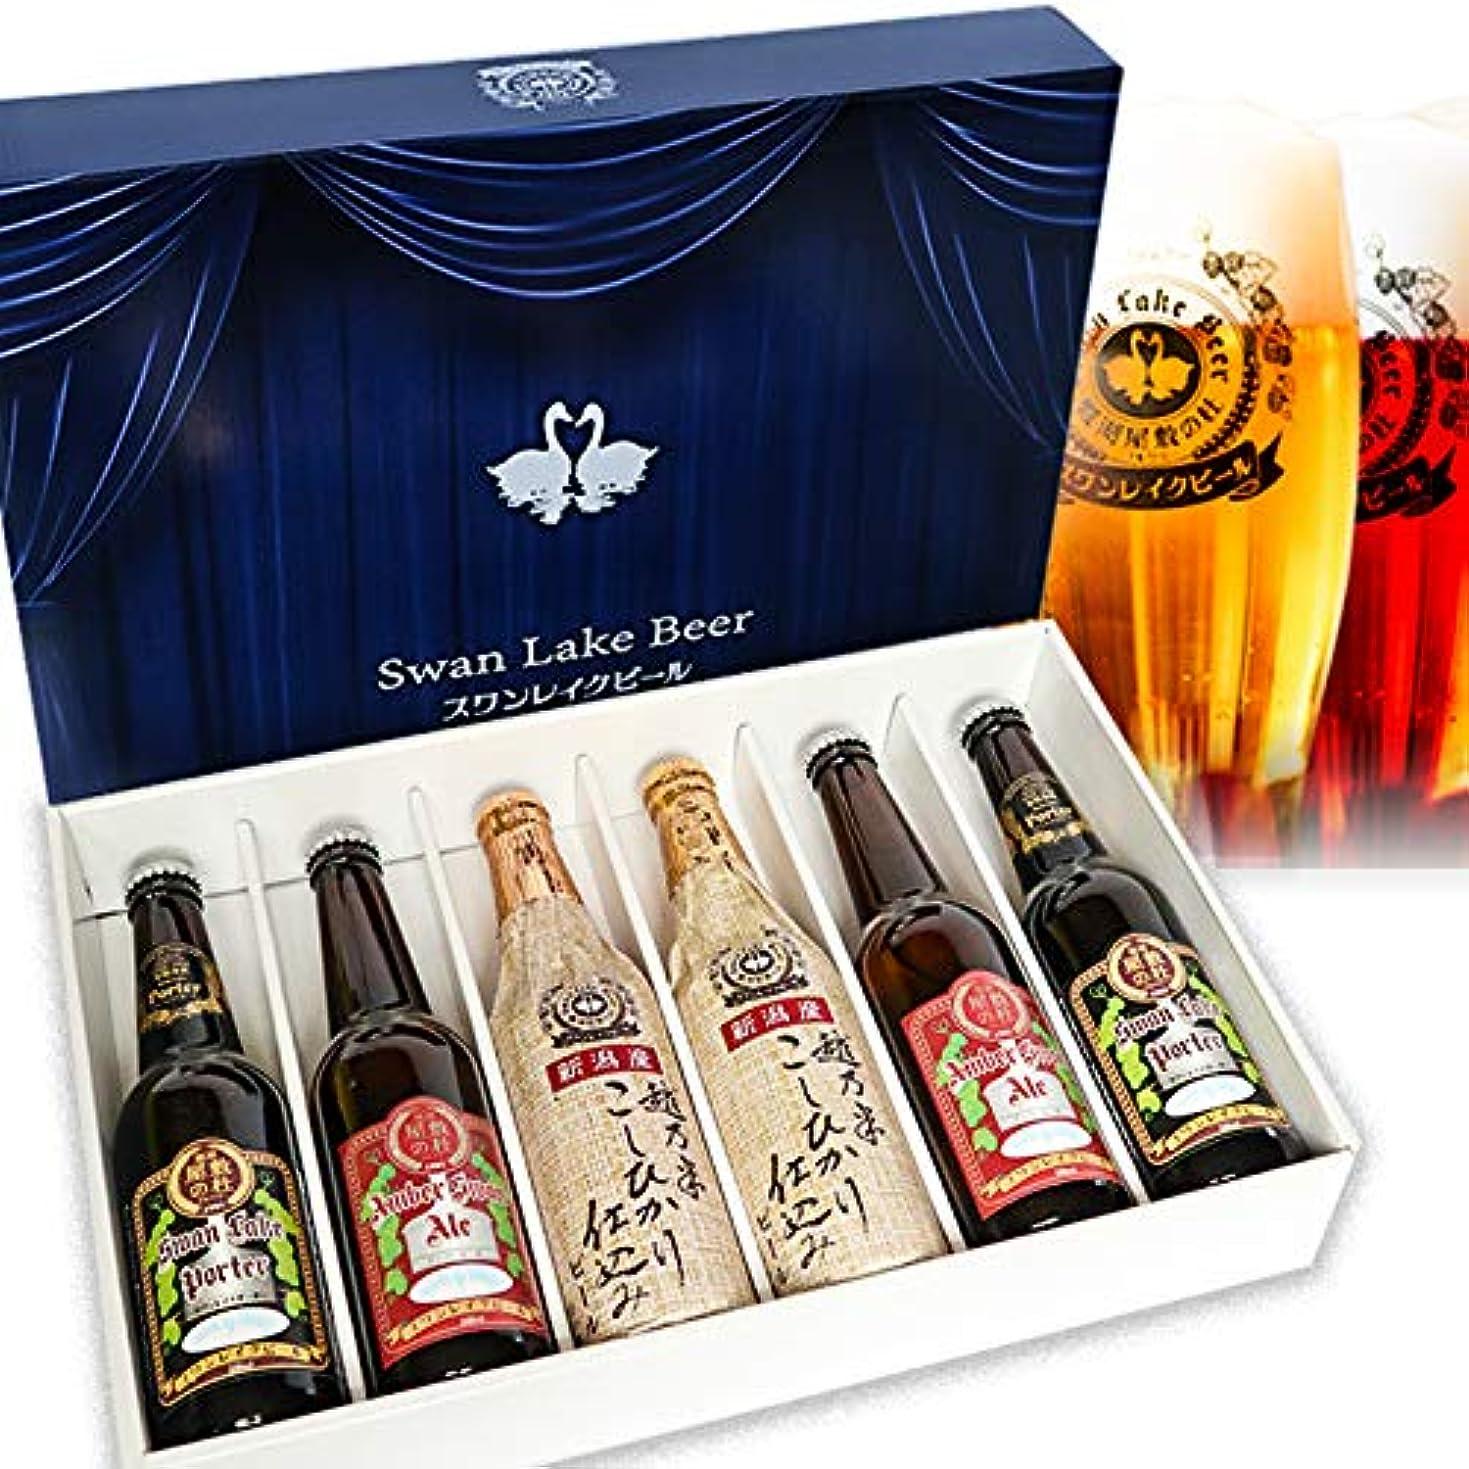 与えるボイド眠いですクラフトビール スワンレイクビール 金賞 6本 飲み比べ ギフト セット 熨斗梱包